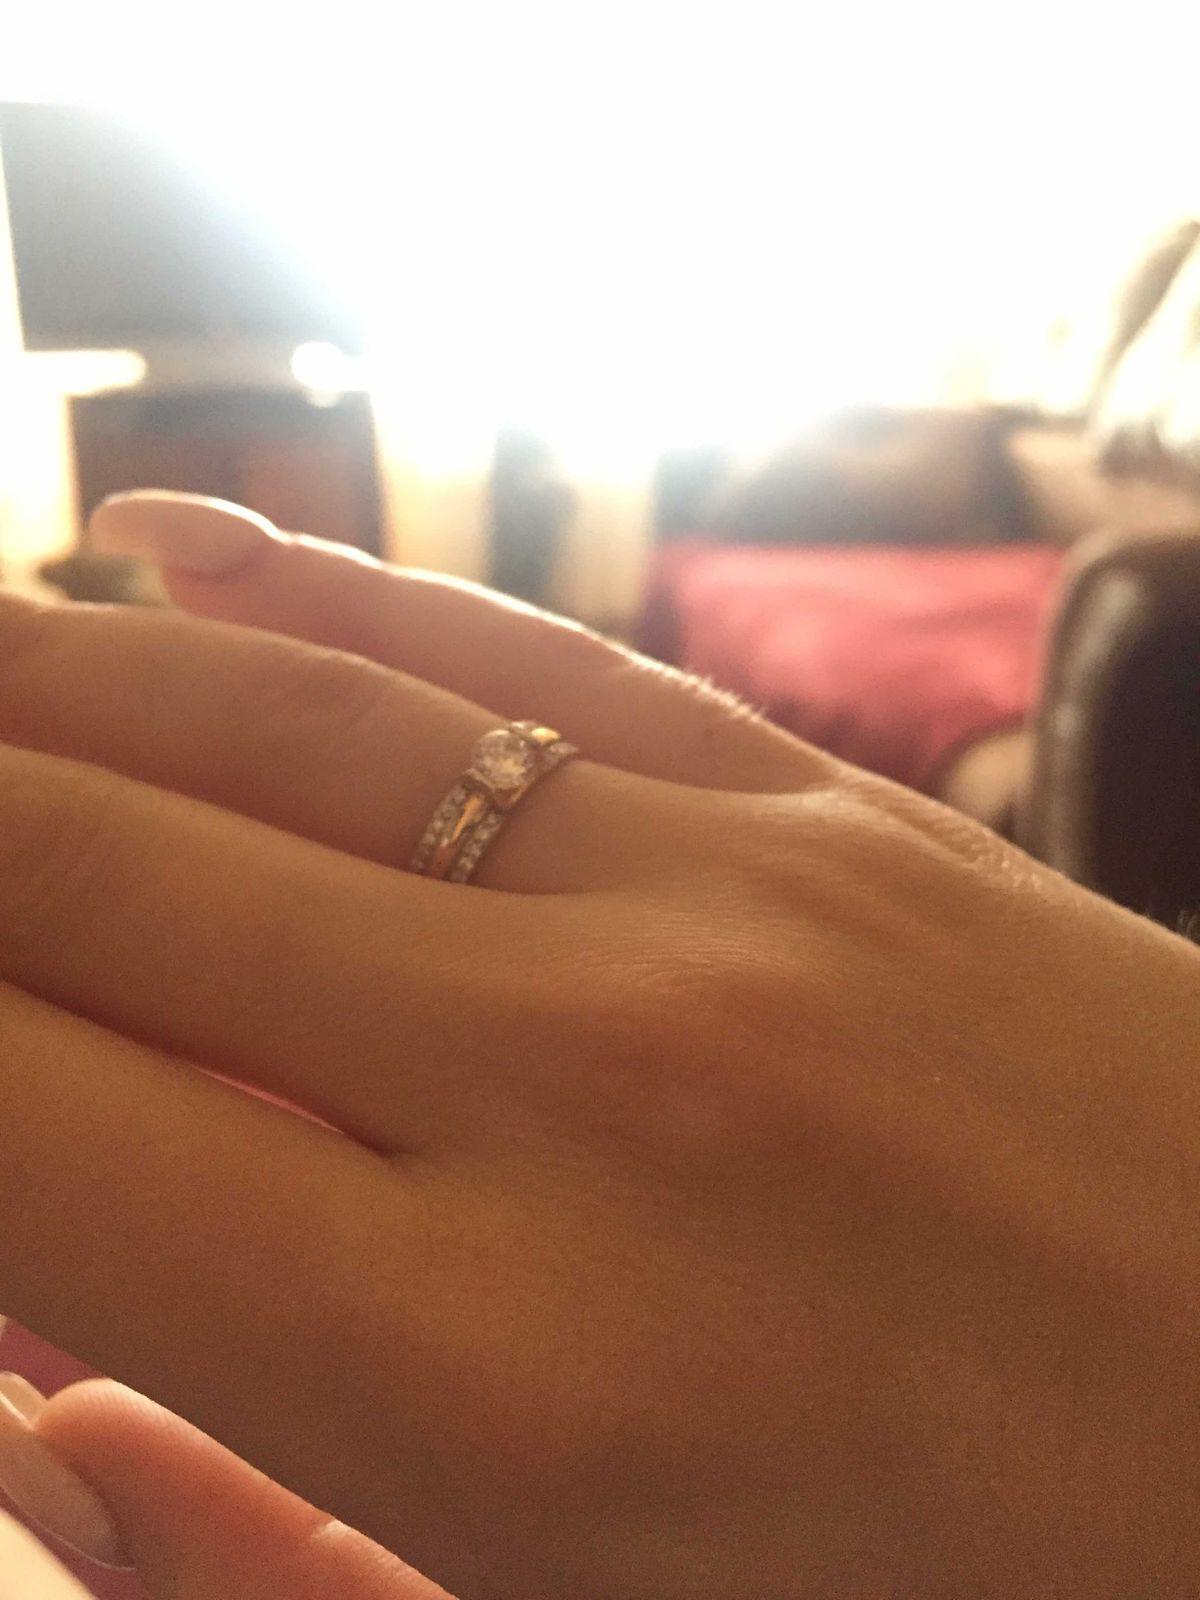 Отличное кольцо удобно в носке камни сидят плотно